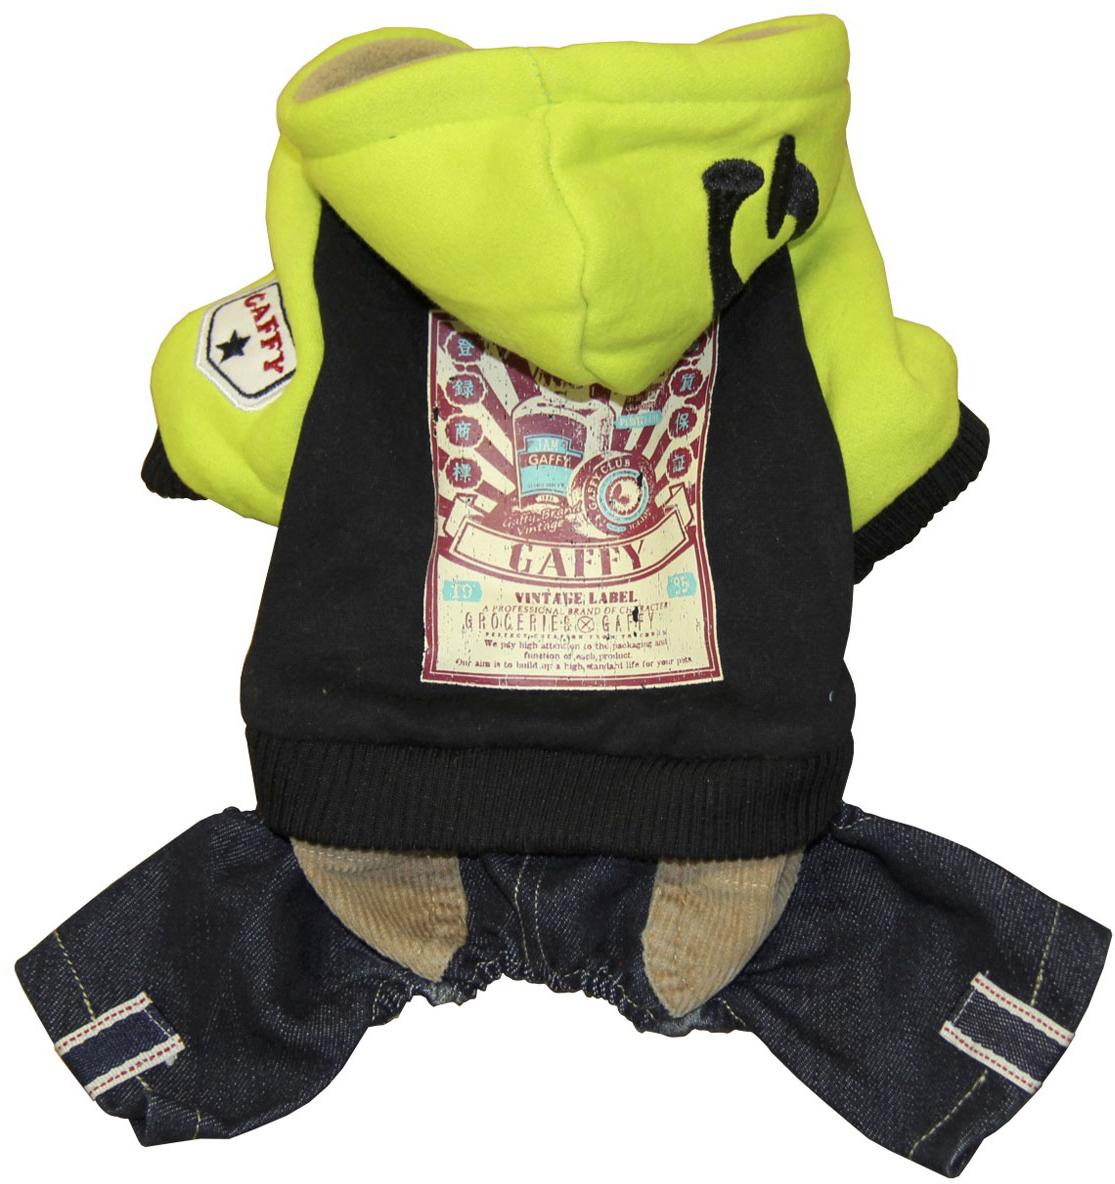 Костюм для собак Gaffy Pet Vintage Store, унисекс, цвет: салатовый, черный. Размер XS костюм для собак gaffy pet baseball унисекс цвет оранжевый синий размер s